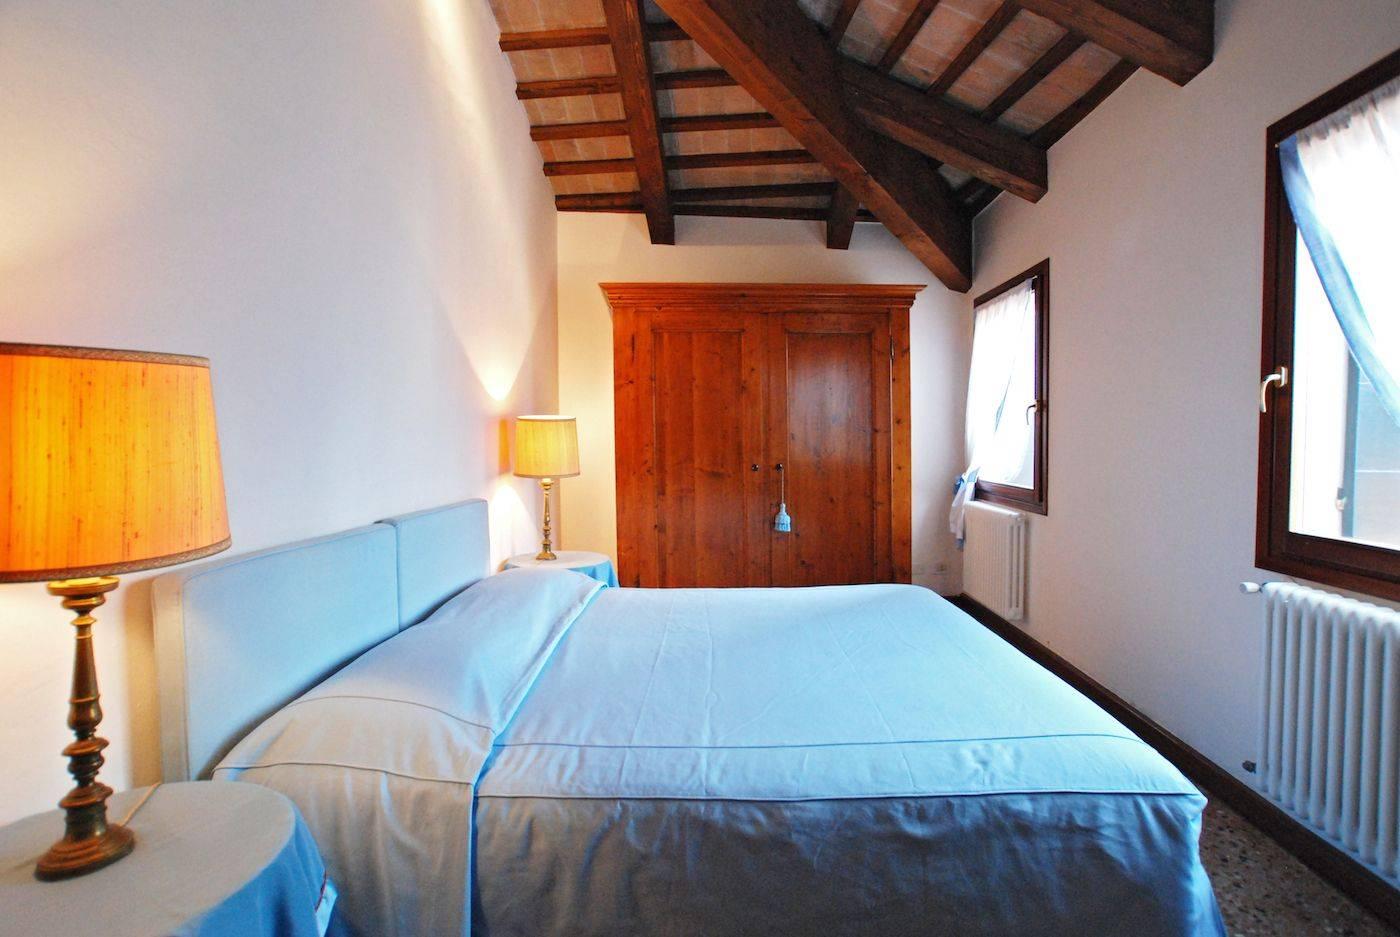 Greci's double bedroom